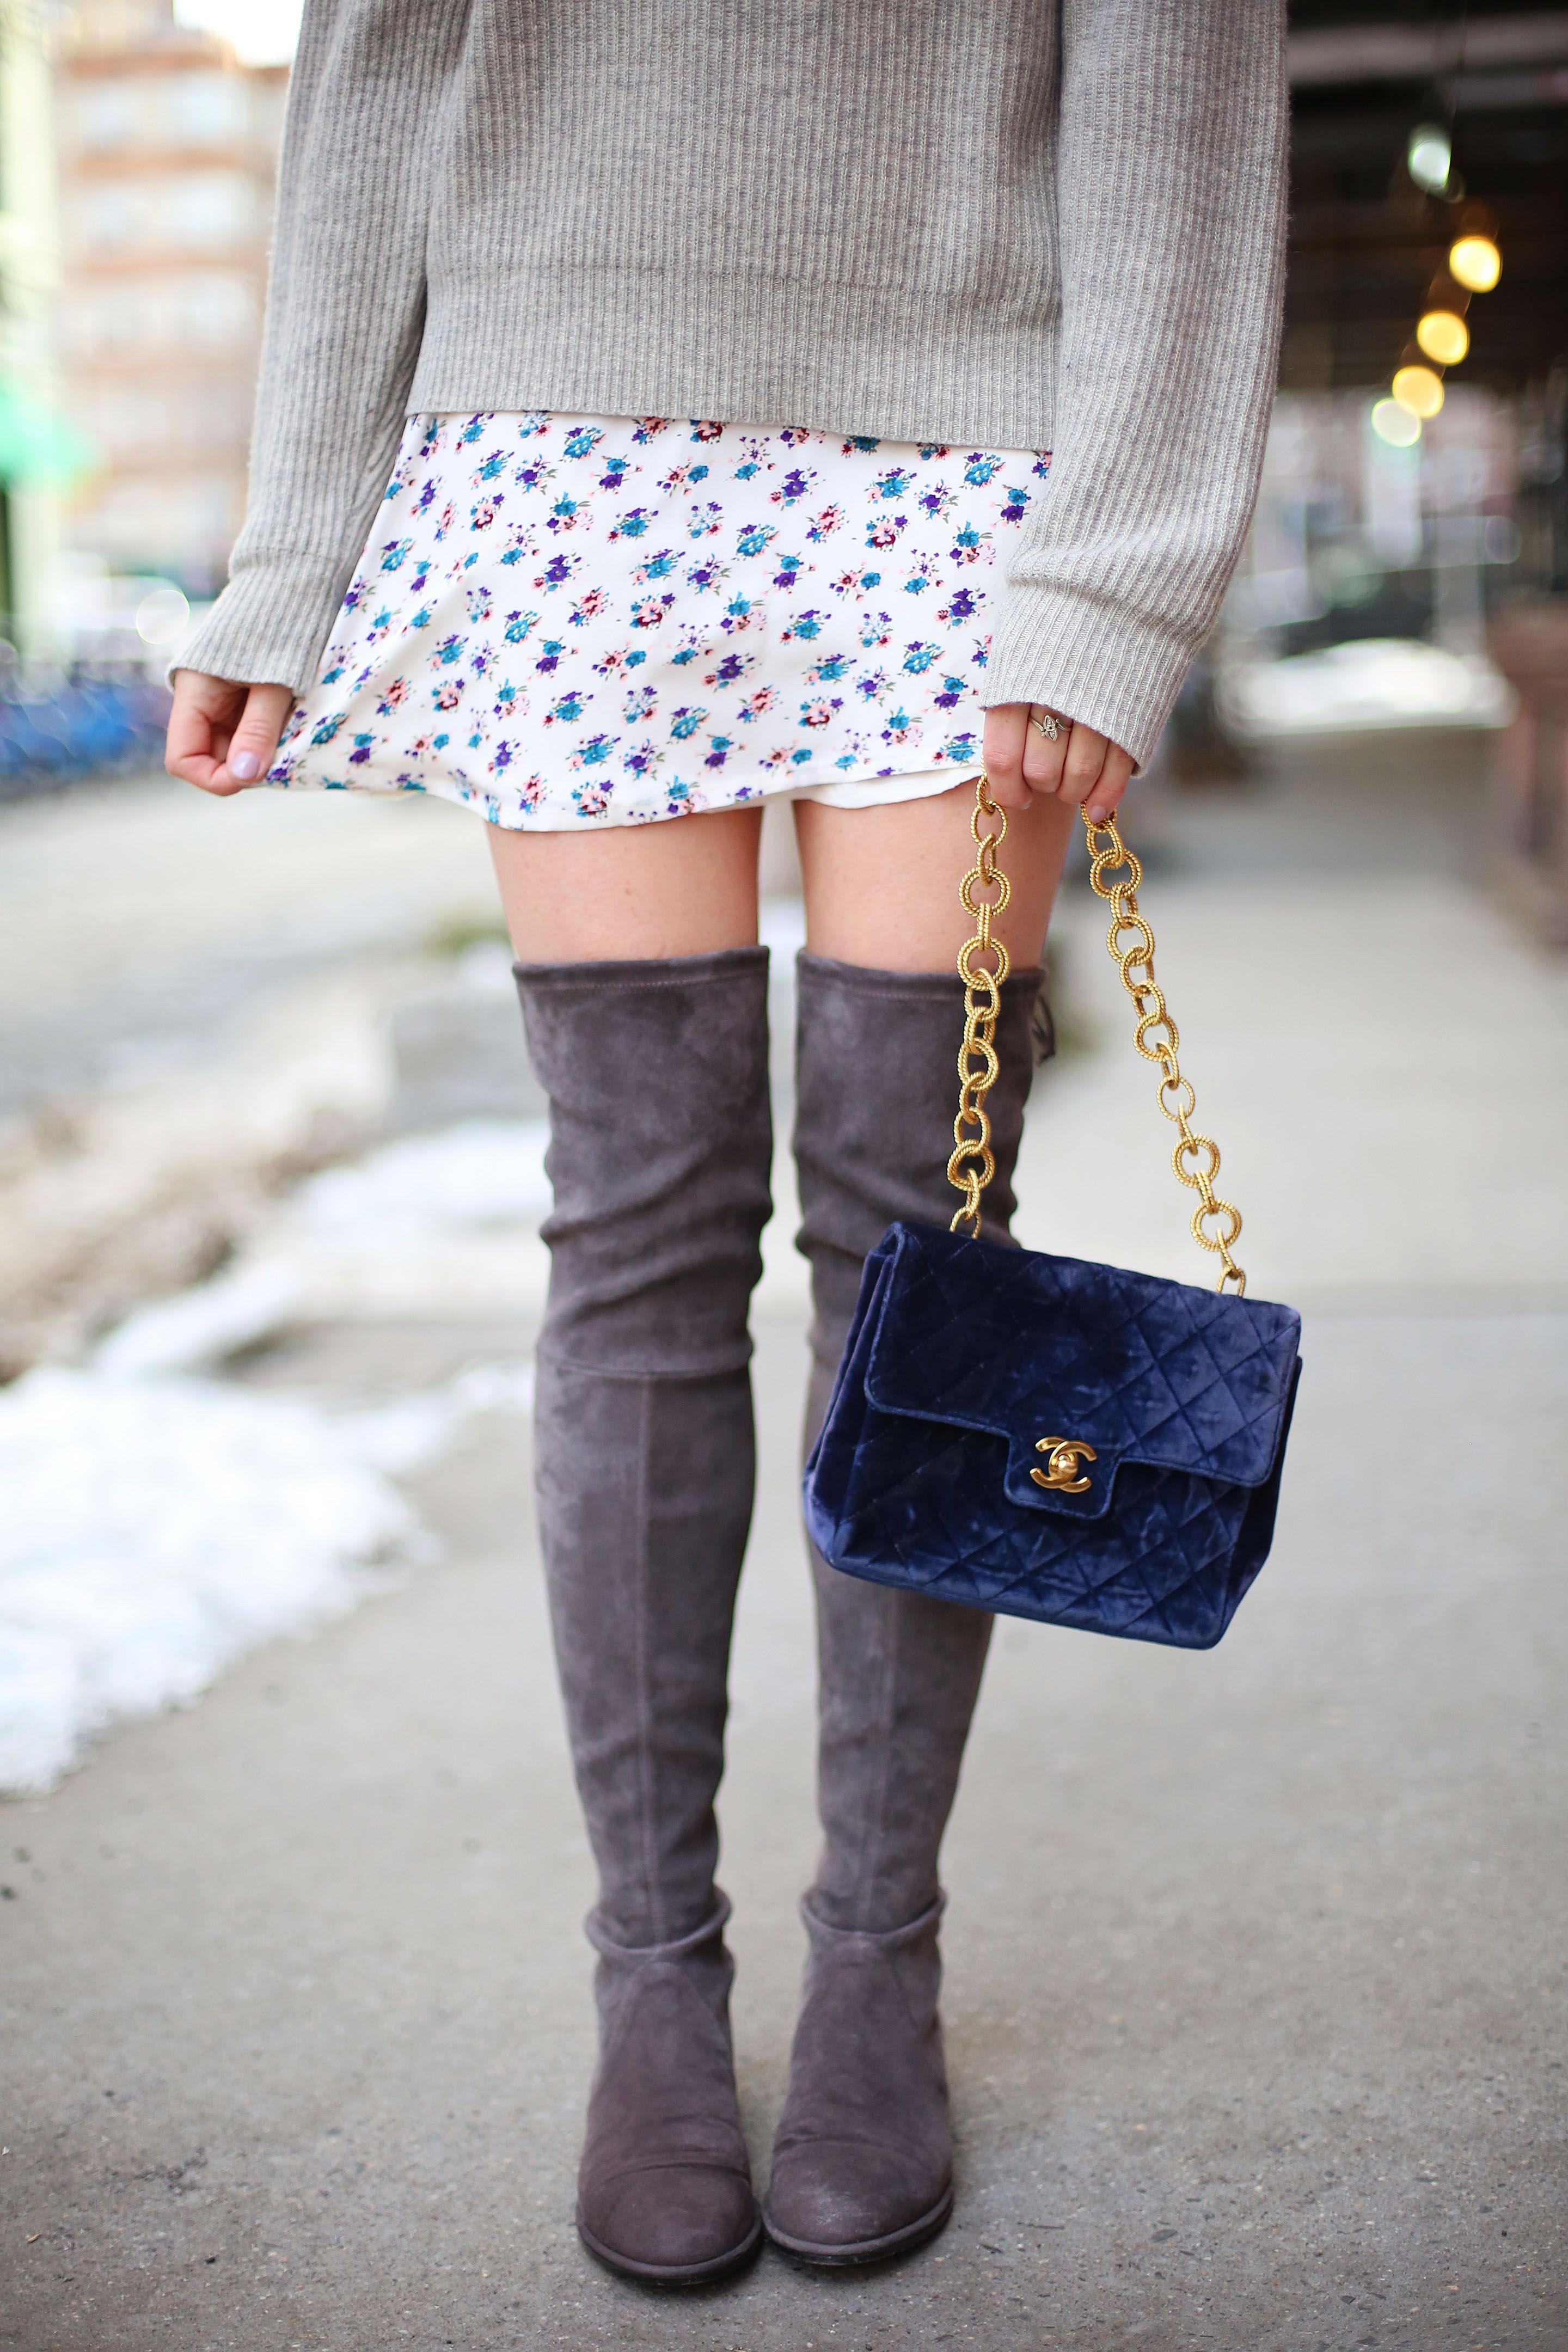 4 Unique Winter Outfit Ideas